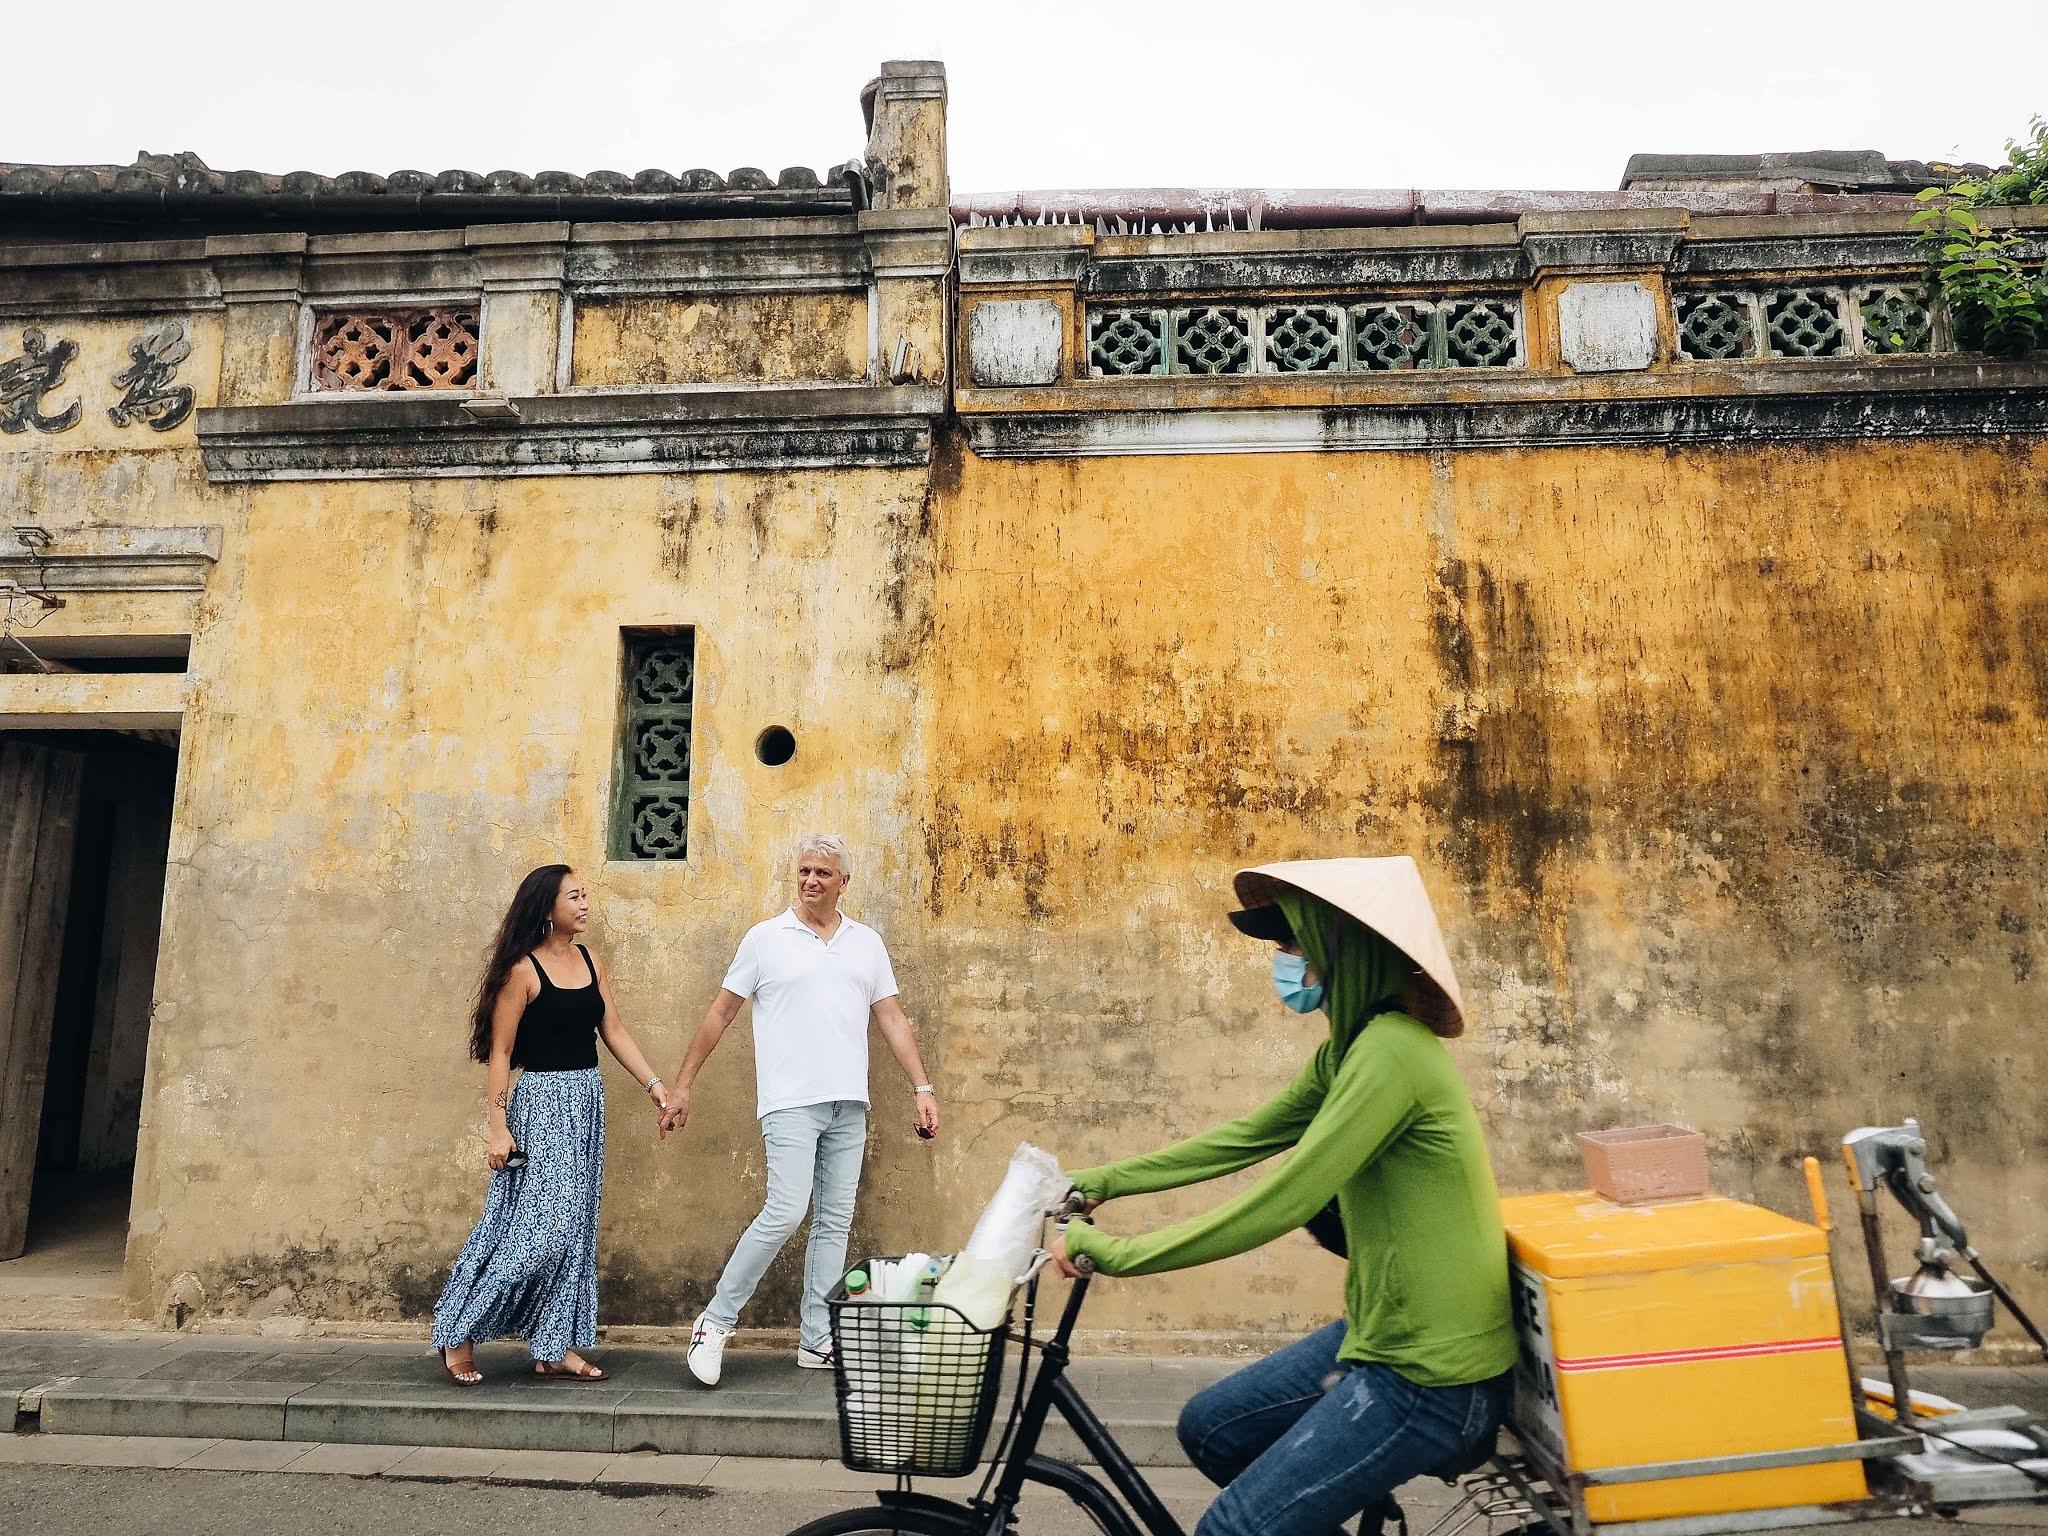 Khoi Studio: Chụp ảnh chân dung ngoại cảnh Đà Nẵng, Hội An